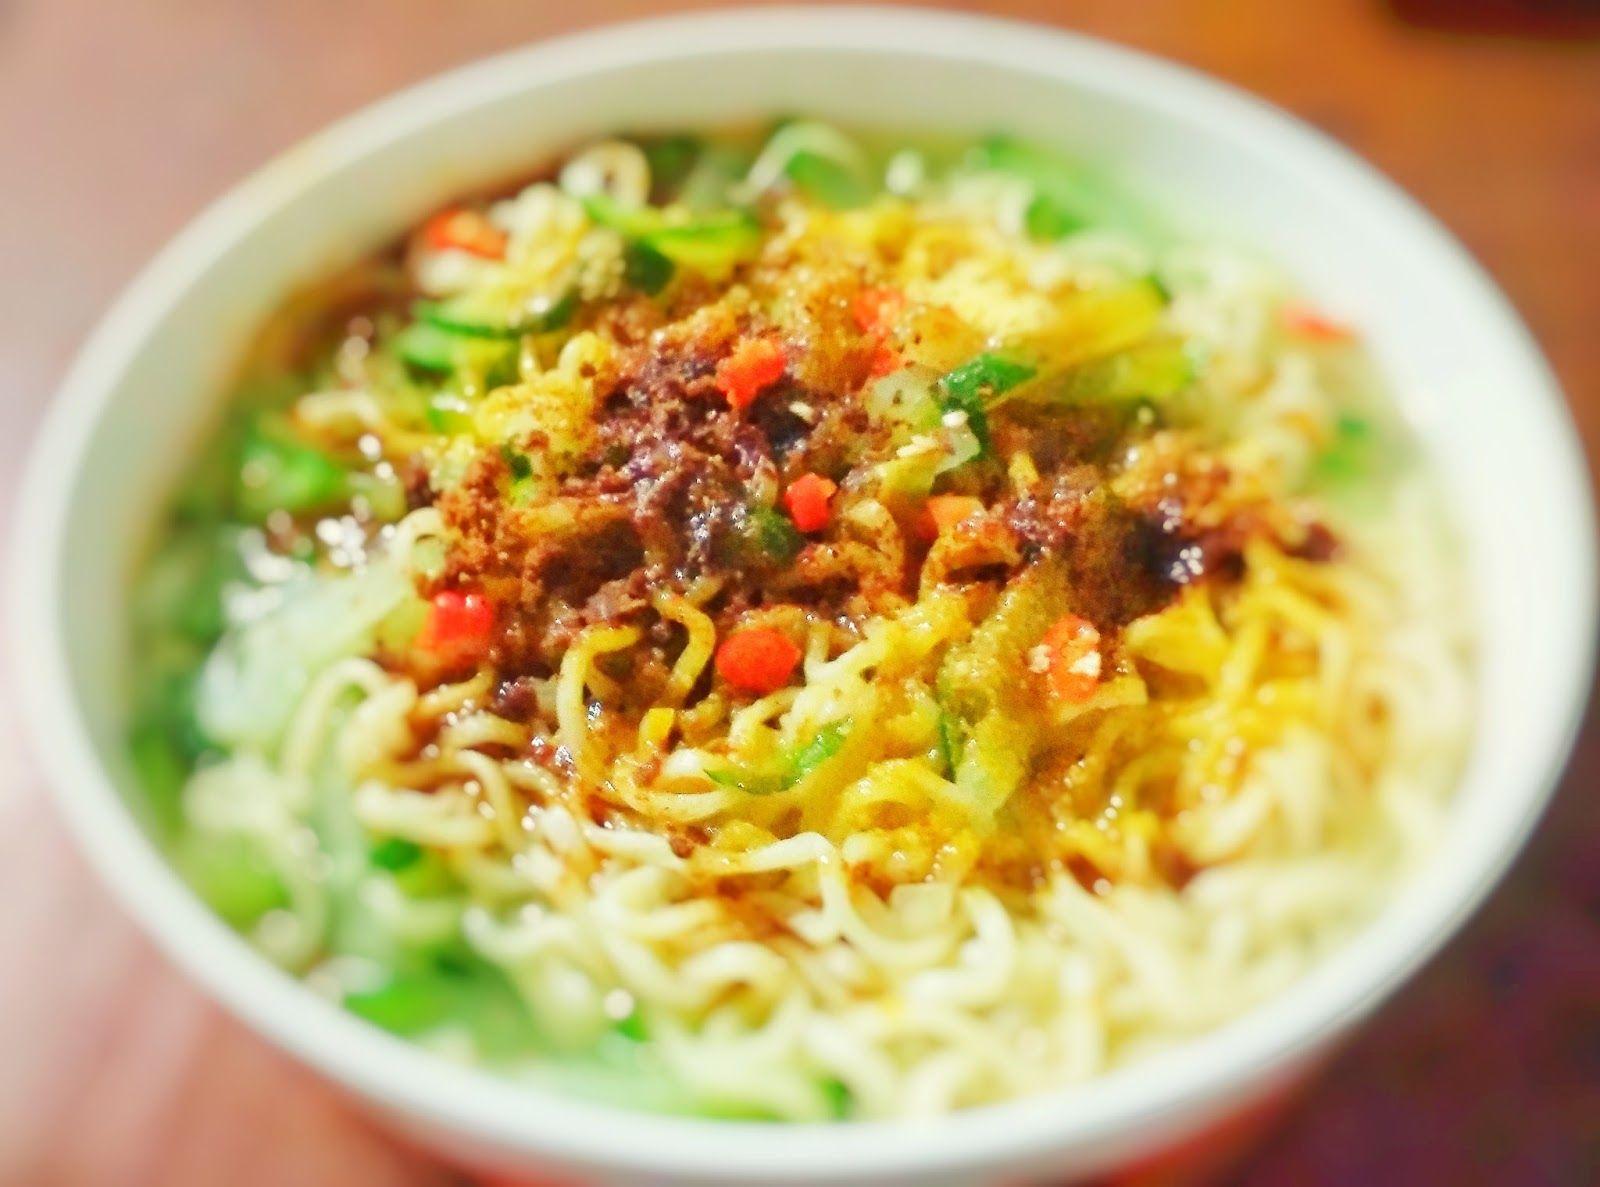 Resep Mie Kari Labu Siam Resep Segala Masakan Web Id Resep Masakan Masakan Resep